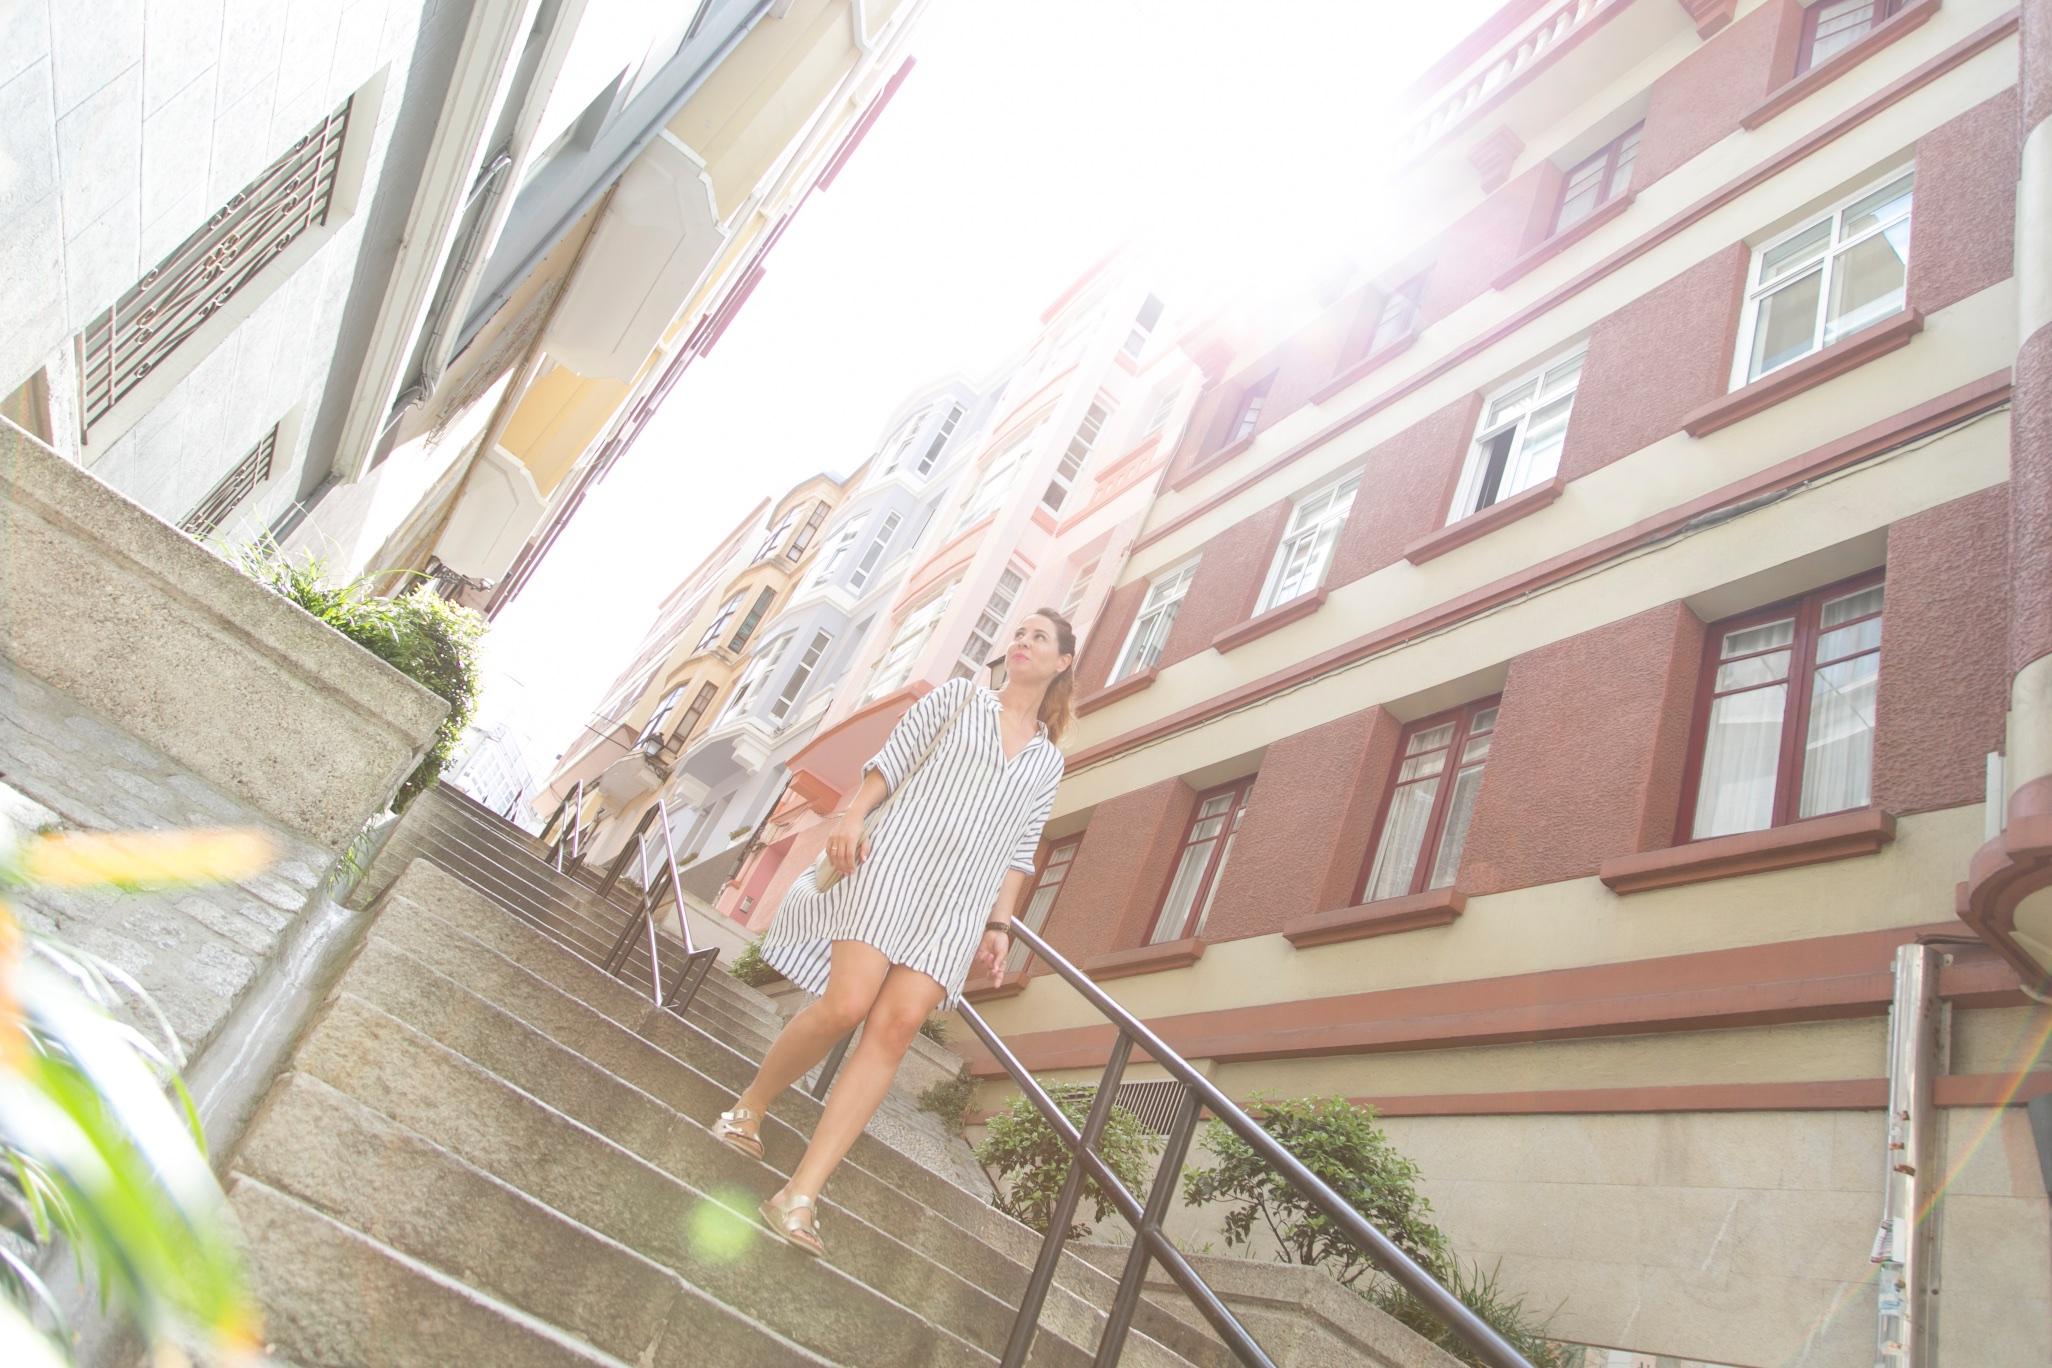 cèline-descalzaporelparque-look-descalzaporelparque-fashion-mommyblogger-treetstyle-stripes-trió bag-zara